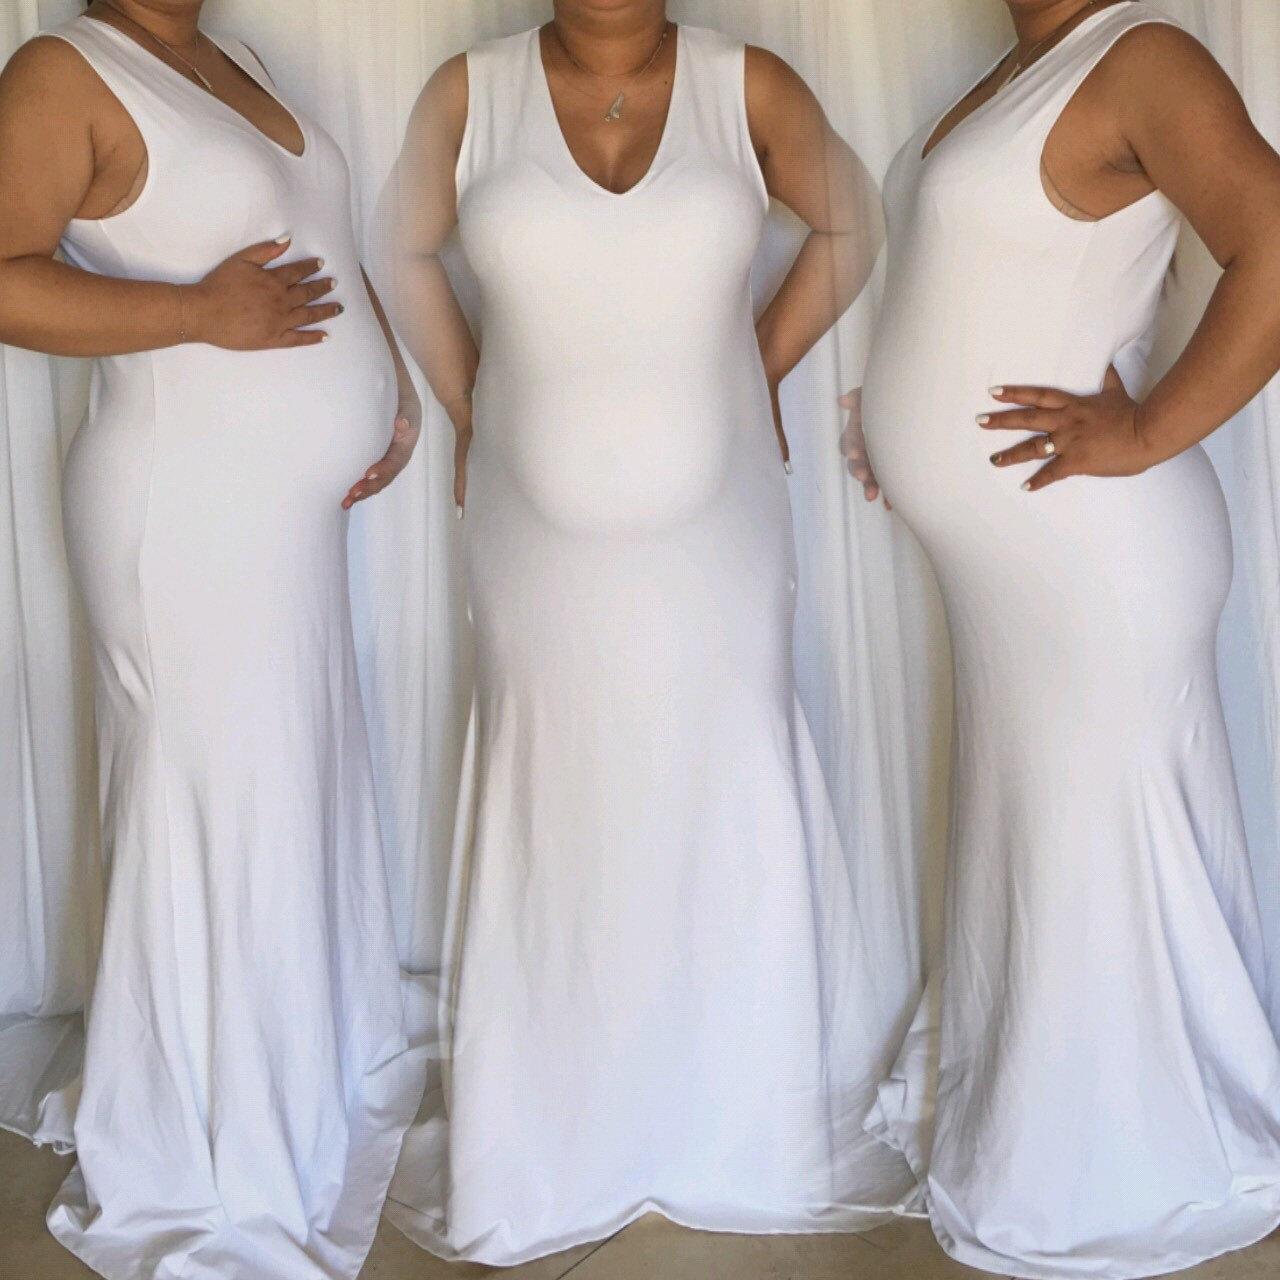 Maternity dress for photo shoot | Etsy